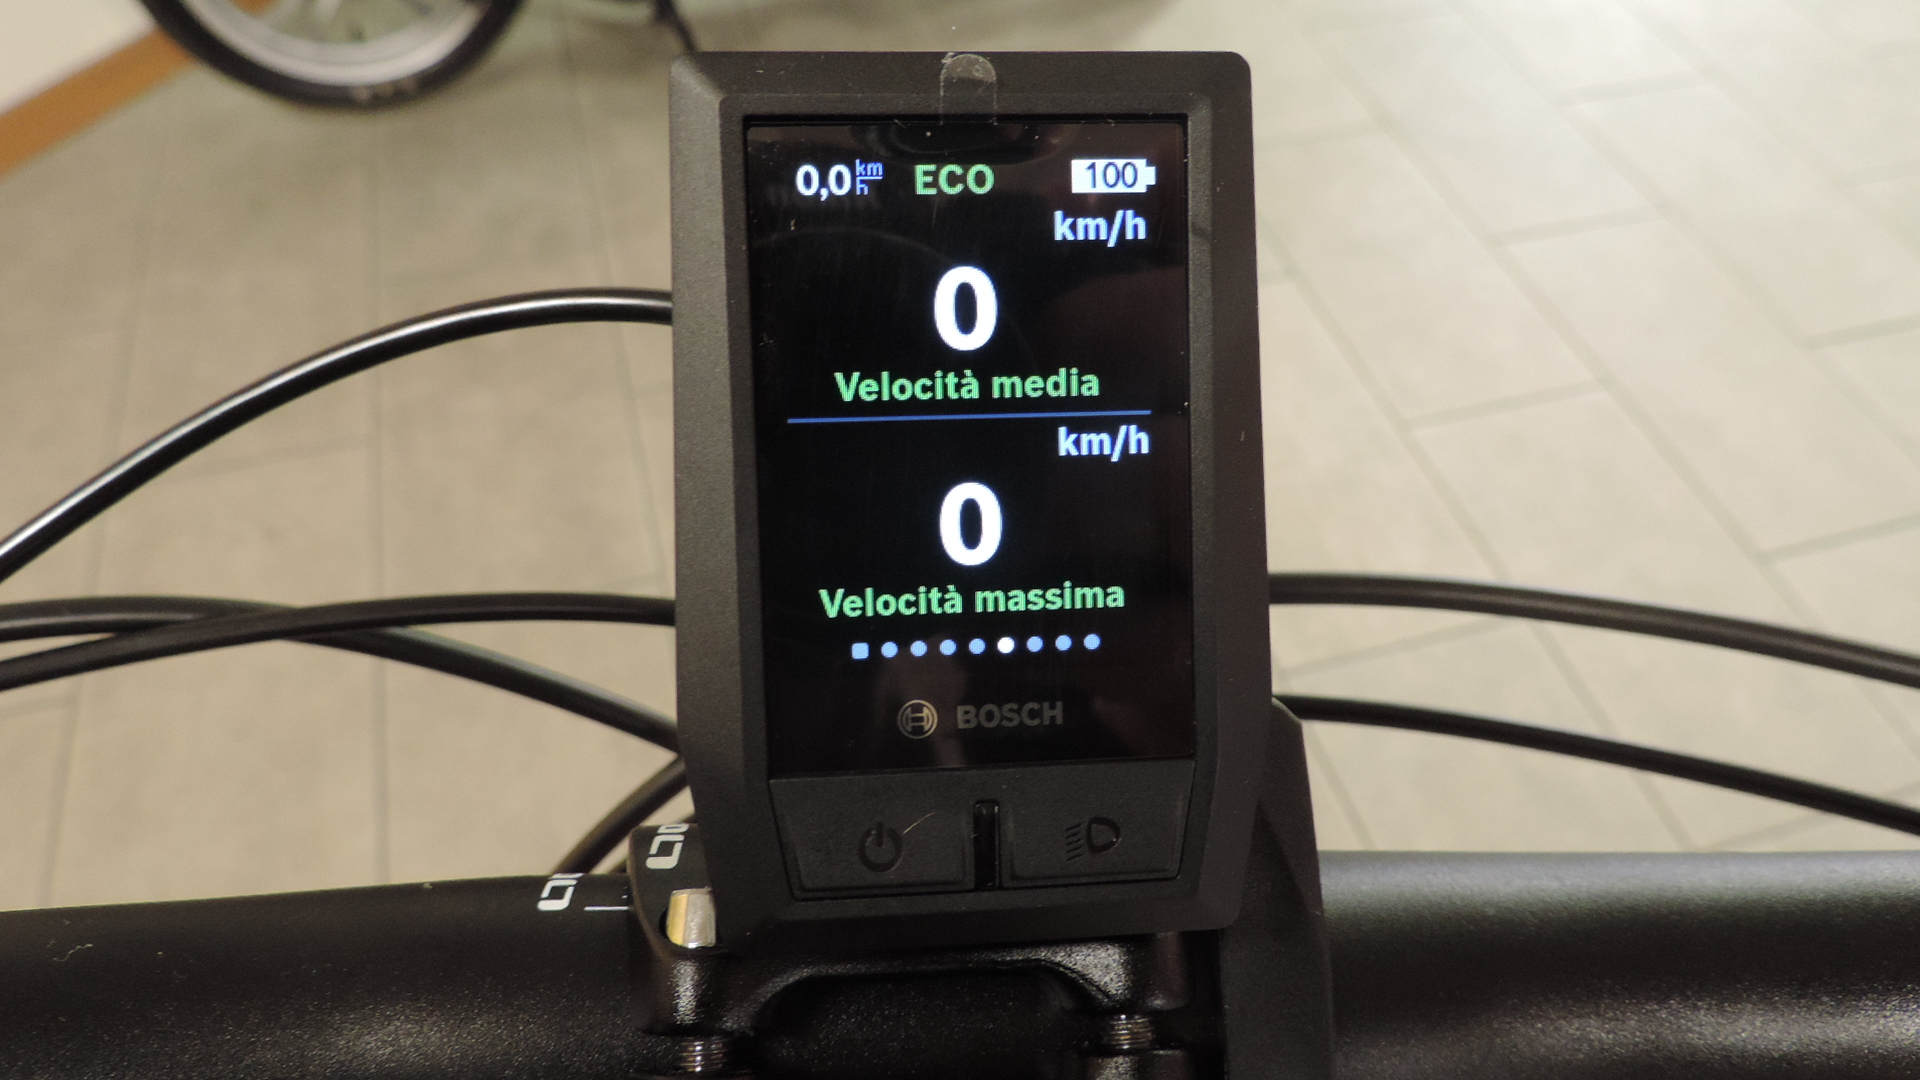 sesta schermata Kiox bosch comprende visualizza la velocità media e la massima velocità